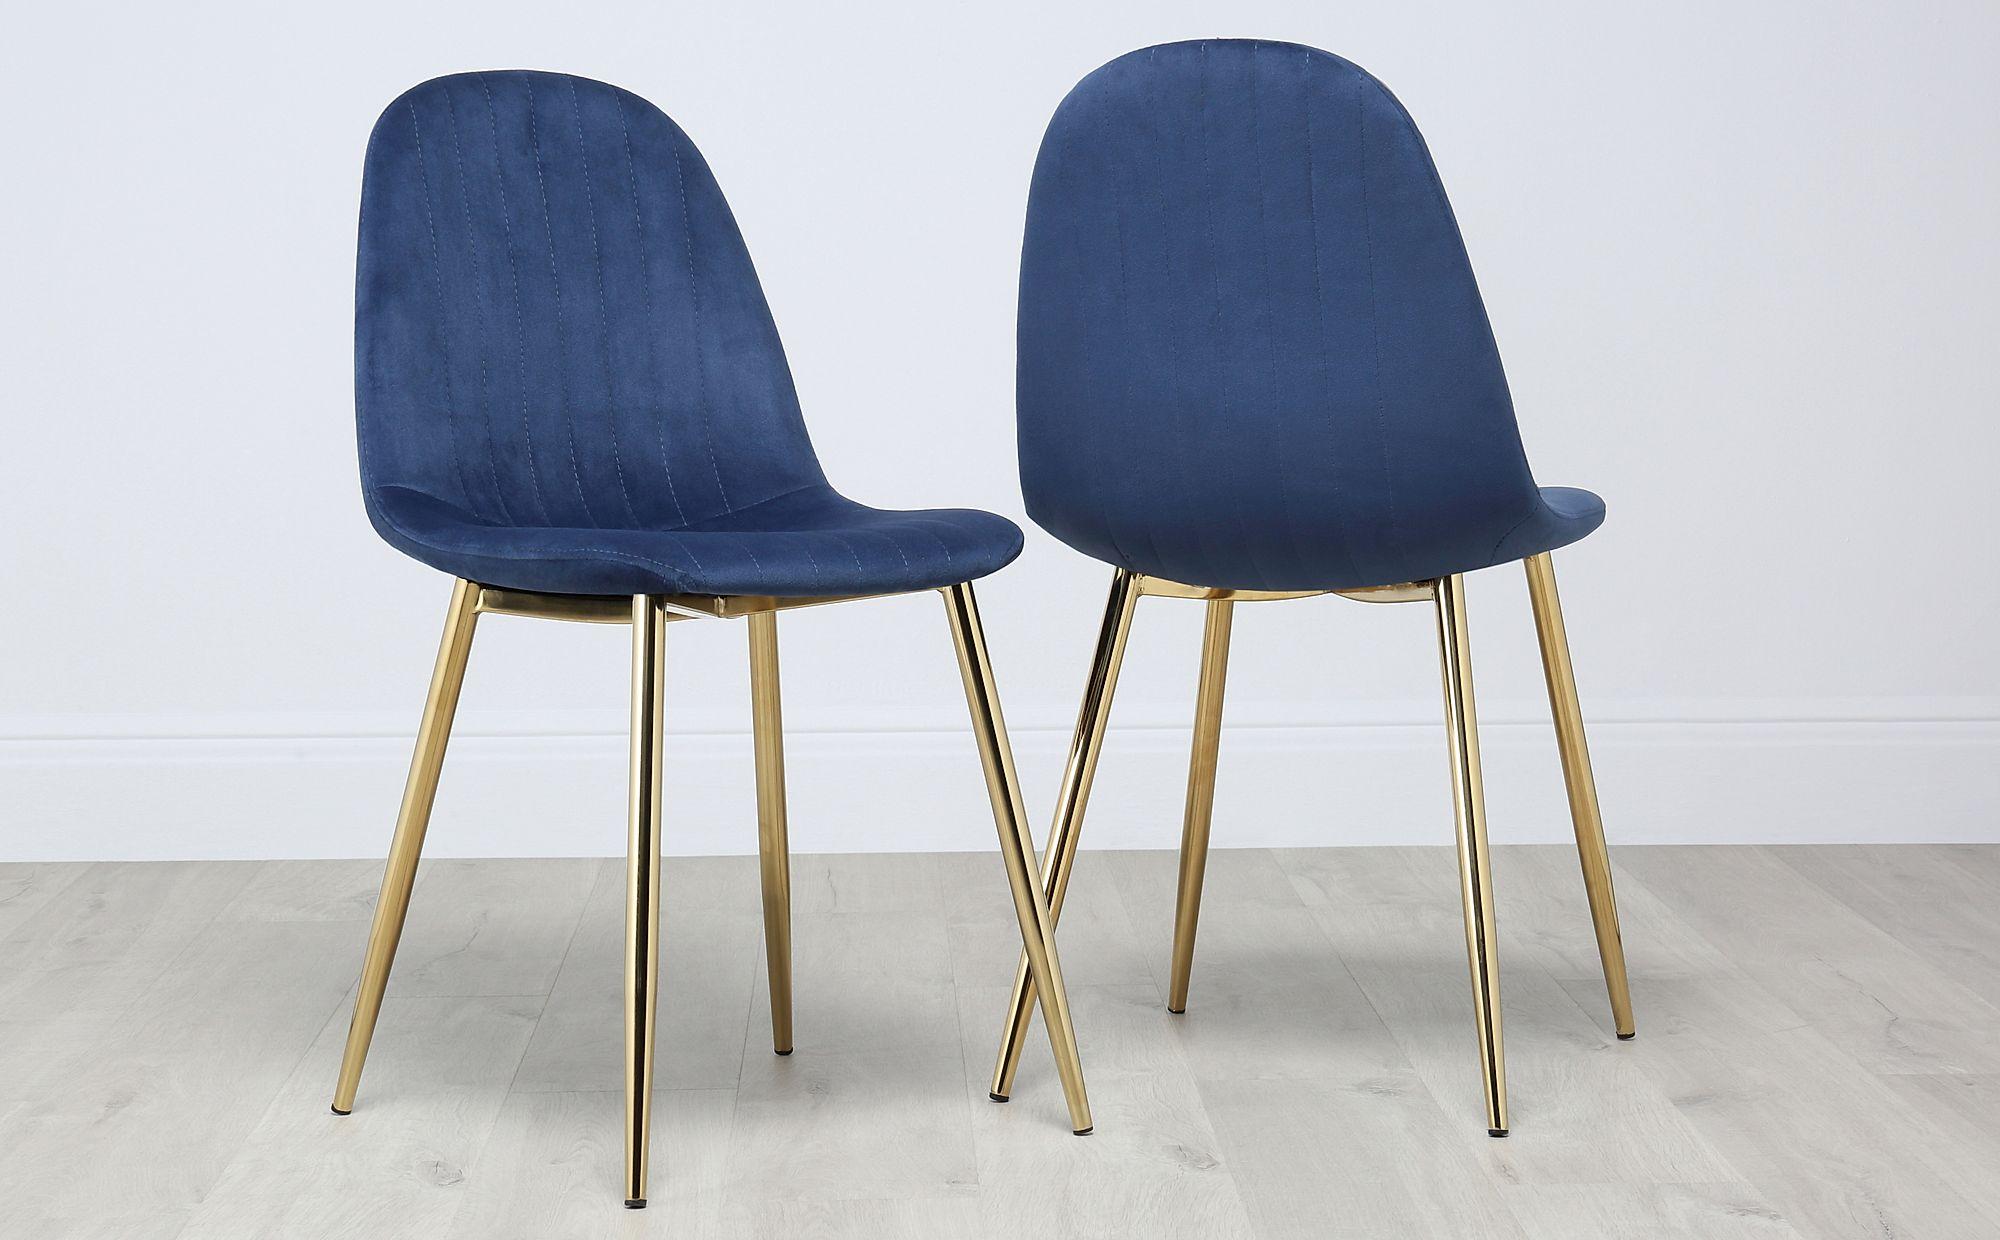 Prime Brooklyn Velvet Dining Chair Blue Gold Leg Dailytribune Chair Design For Home Dailytribuneorg